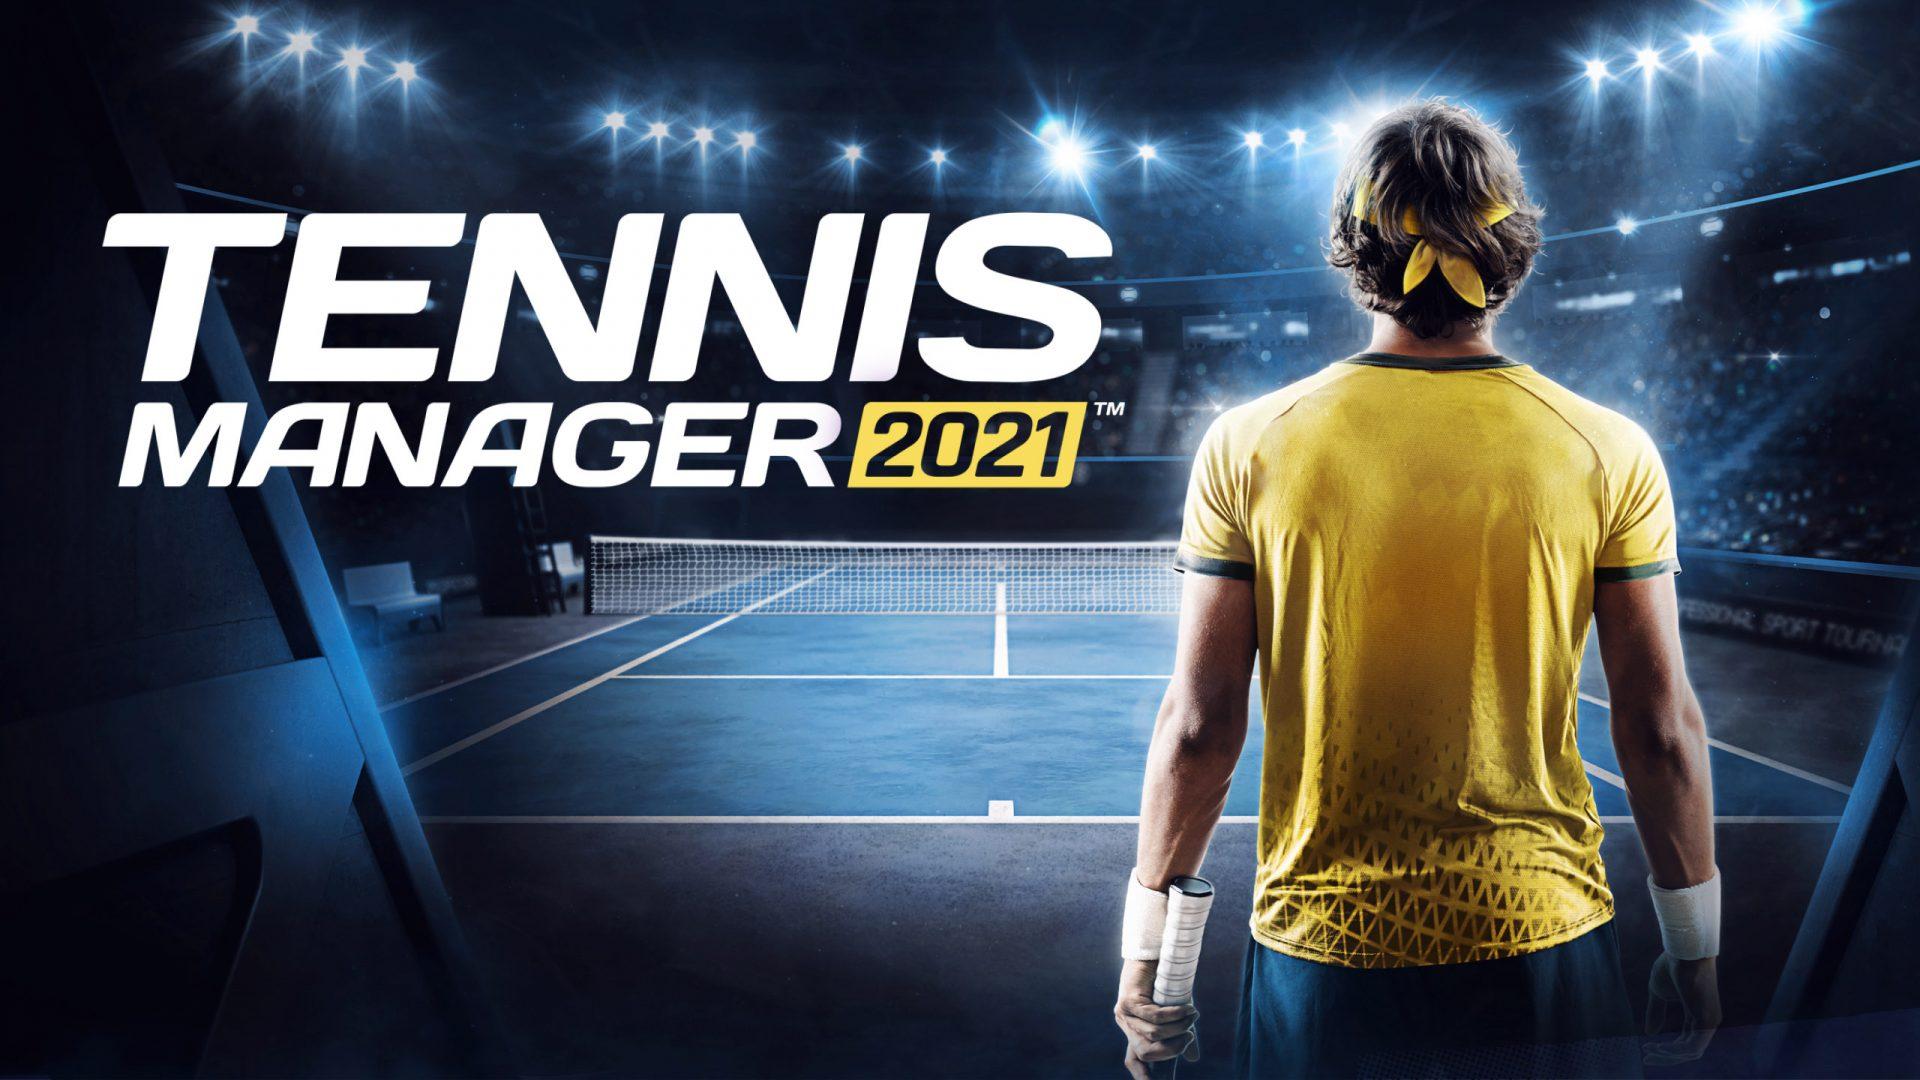 TennisManager2021